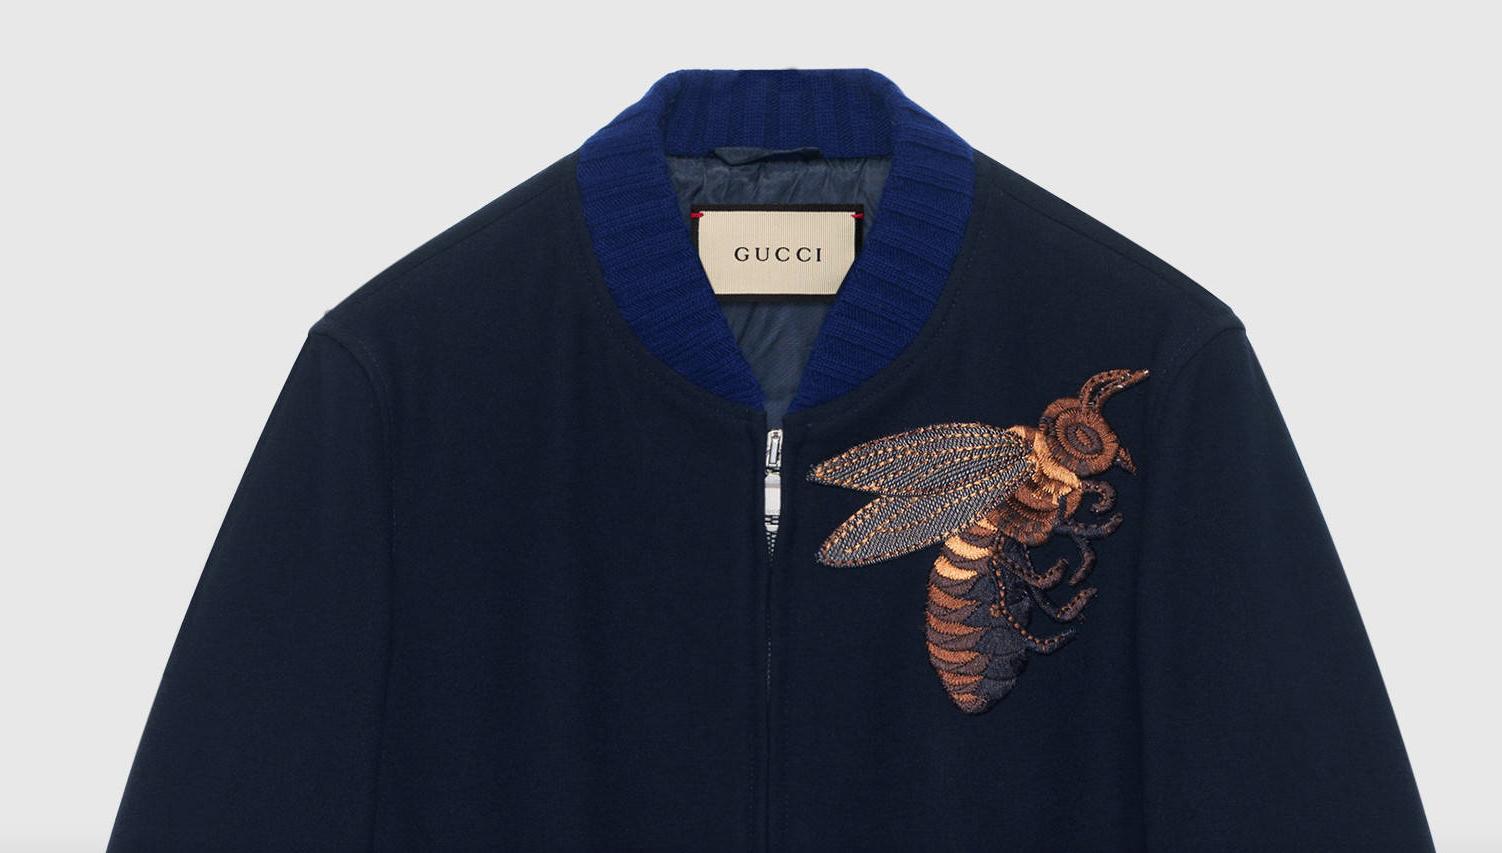 Gucci Men woolen jacket with bee applique